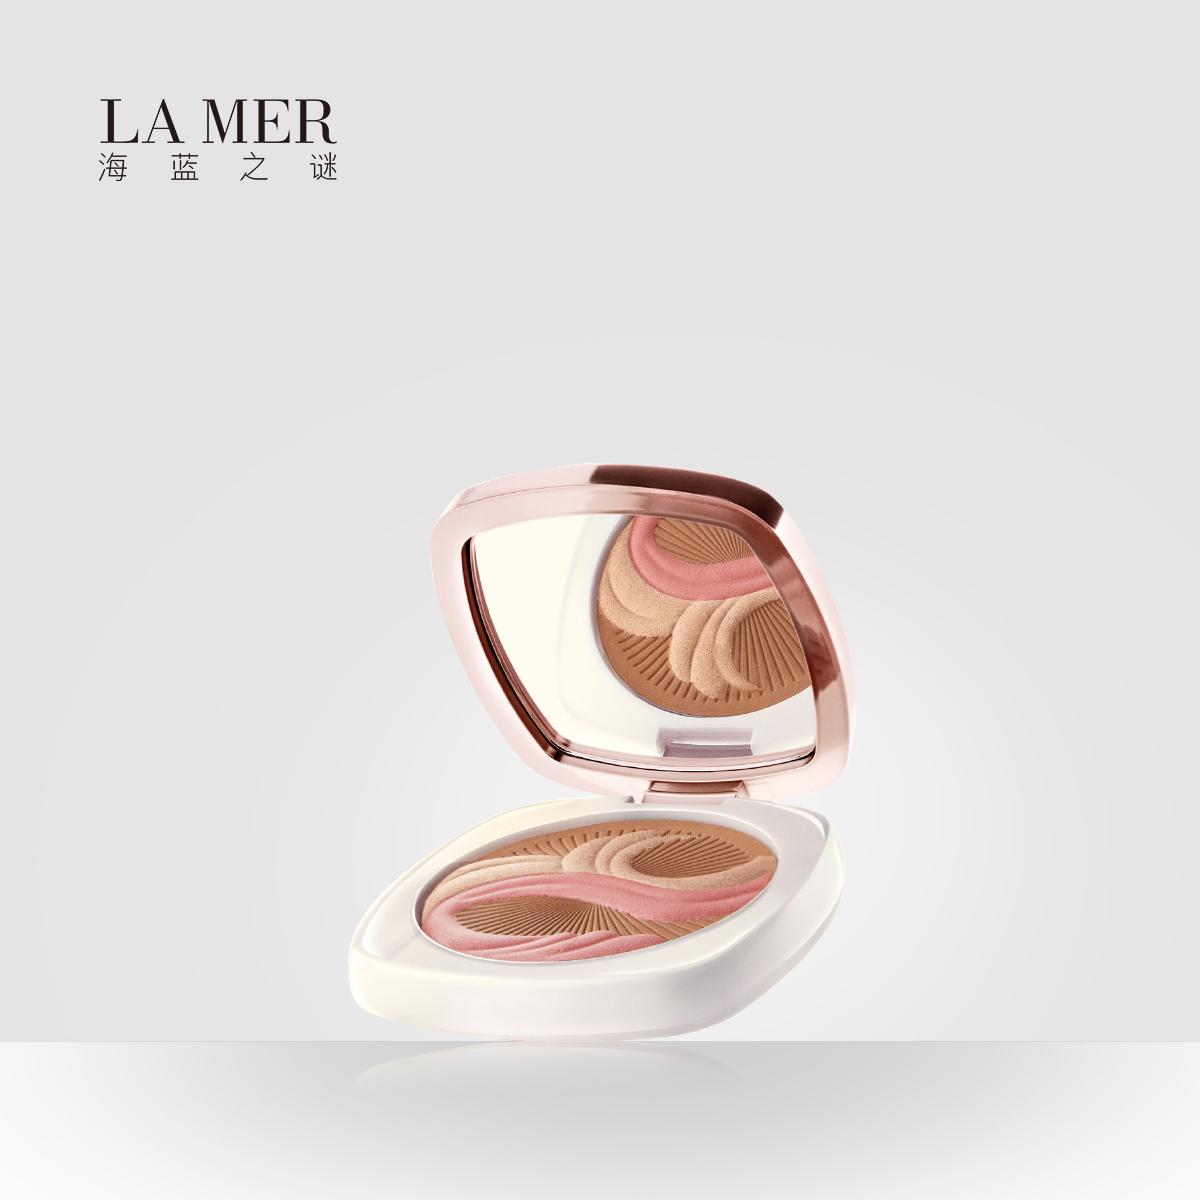 LA MER-海蓝之谜晨曦焕采蜜粉饼 高光定妆